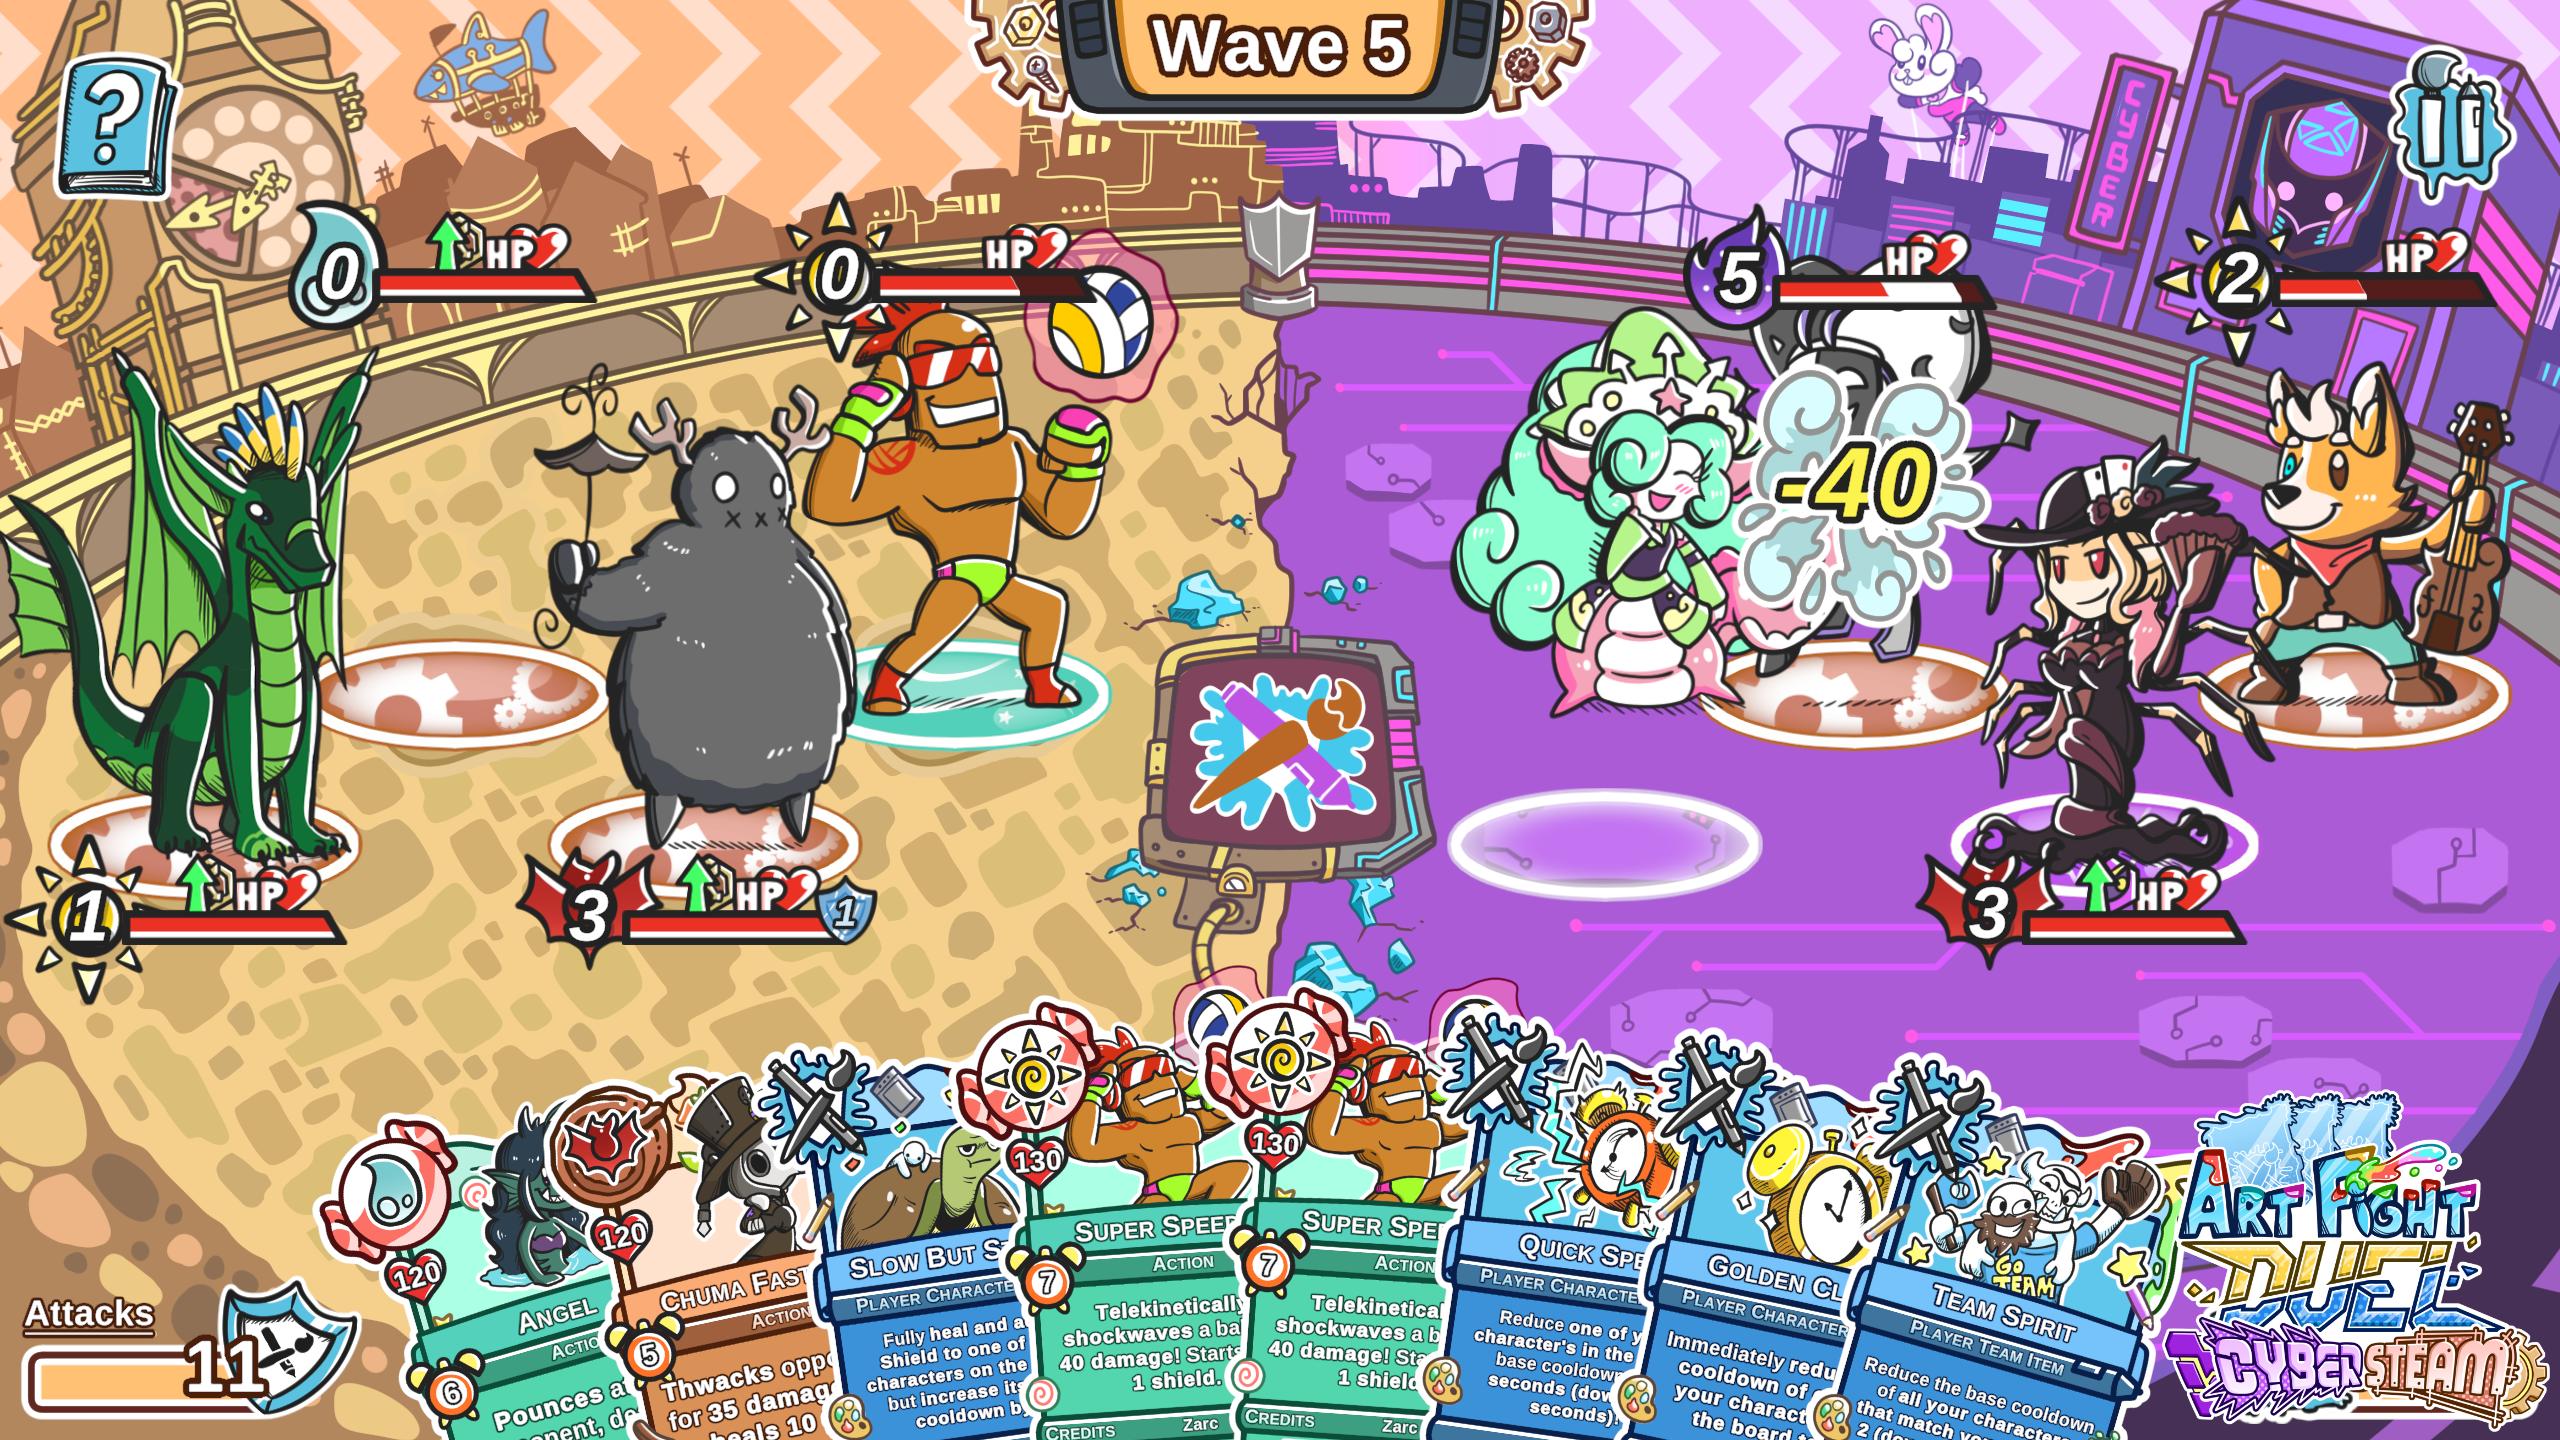 Art Fight Duel Cybersteam Screenshot